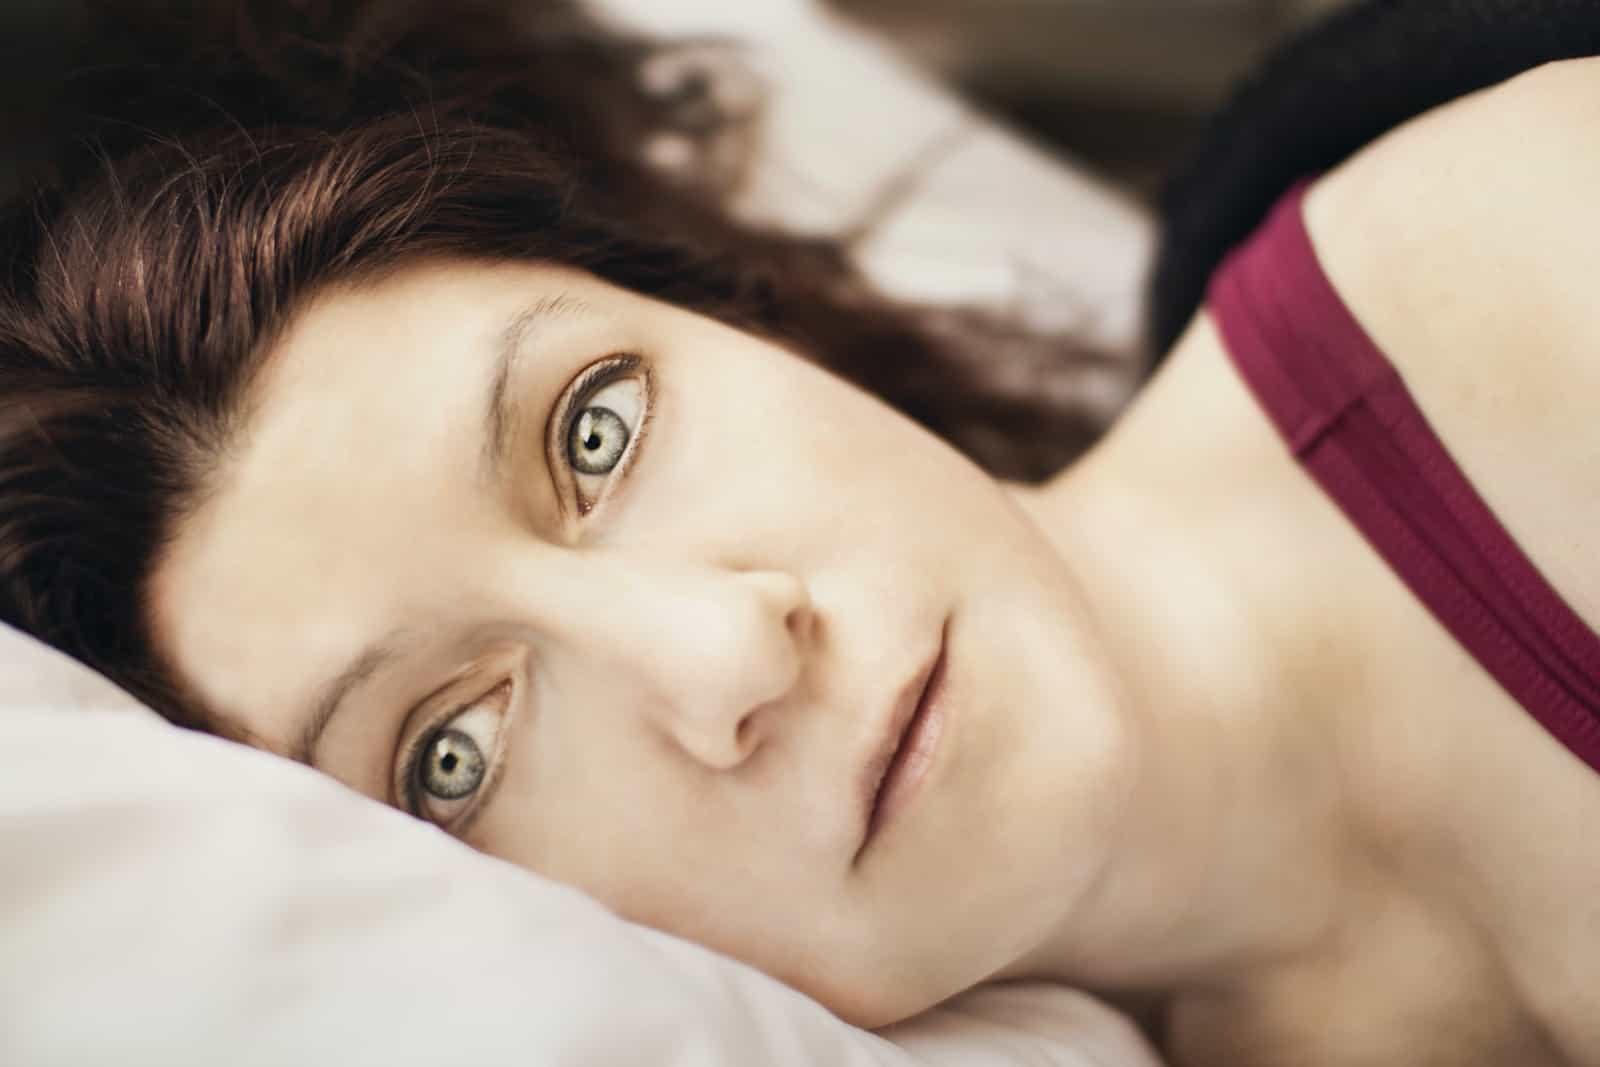 eine Frau, die an Schlaflosigkeit leidet und in einem Bett liegt